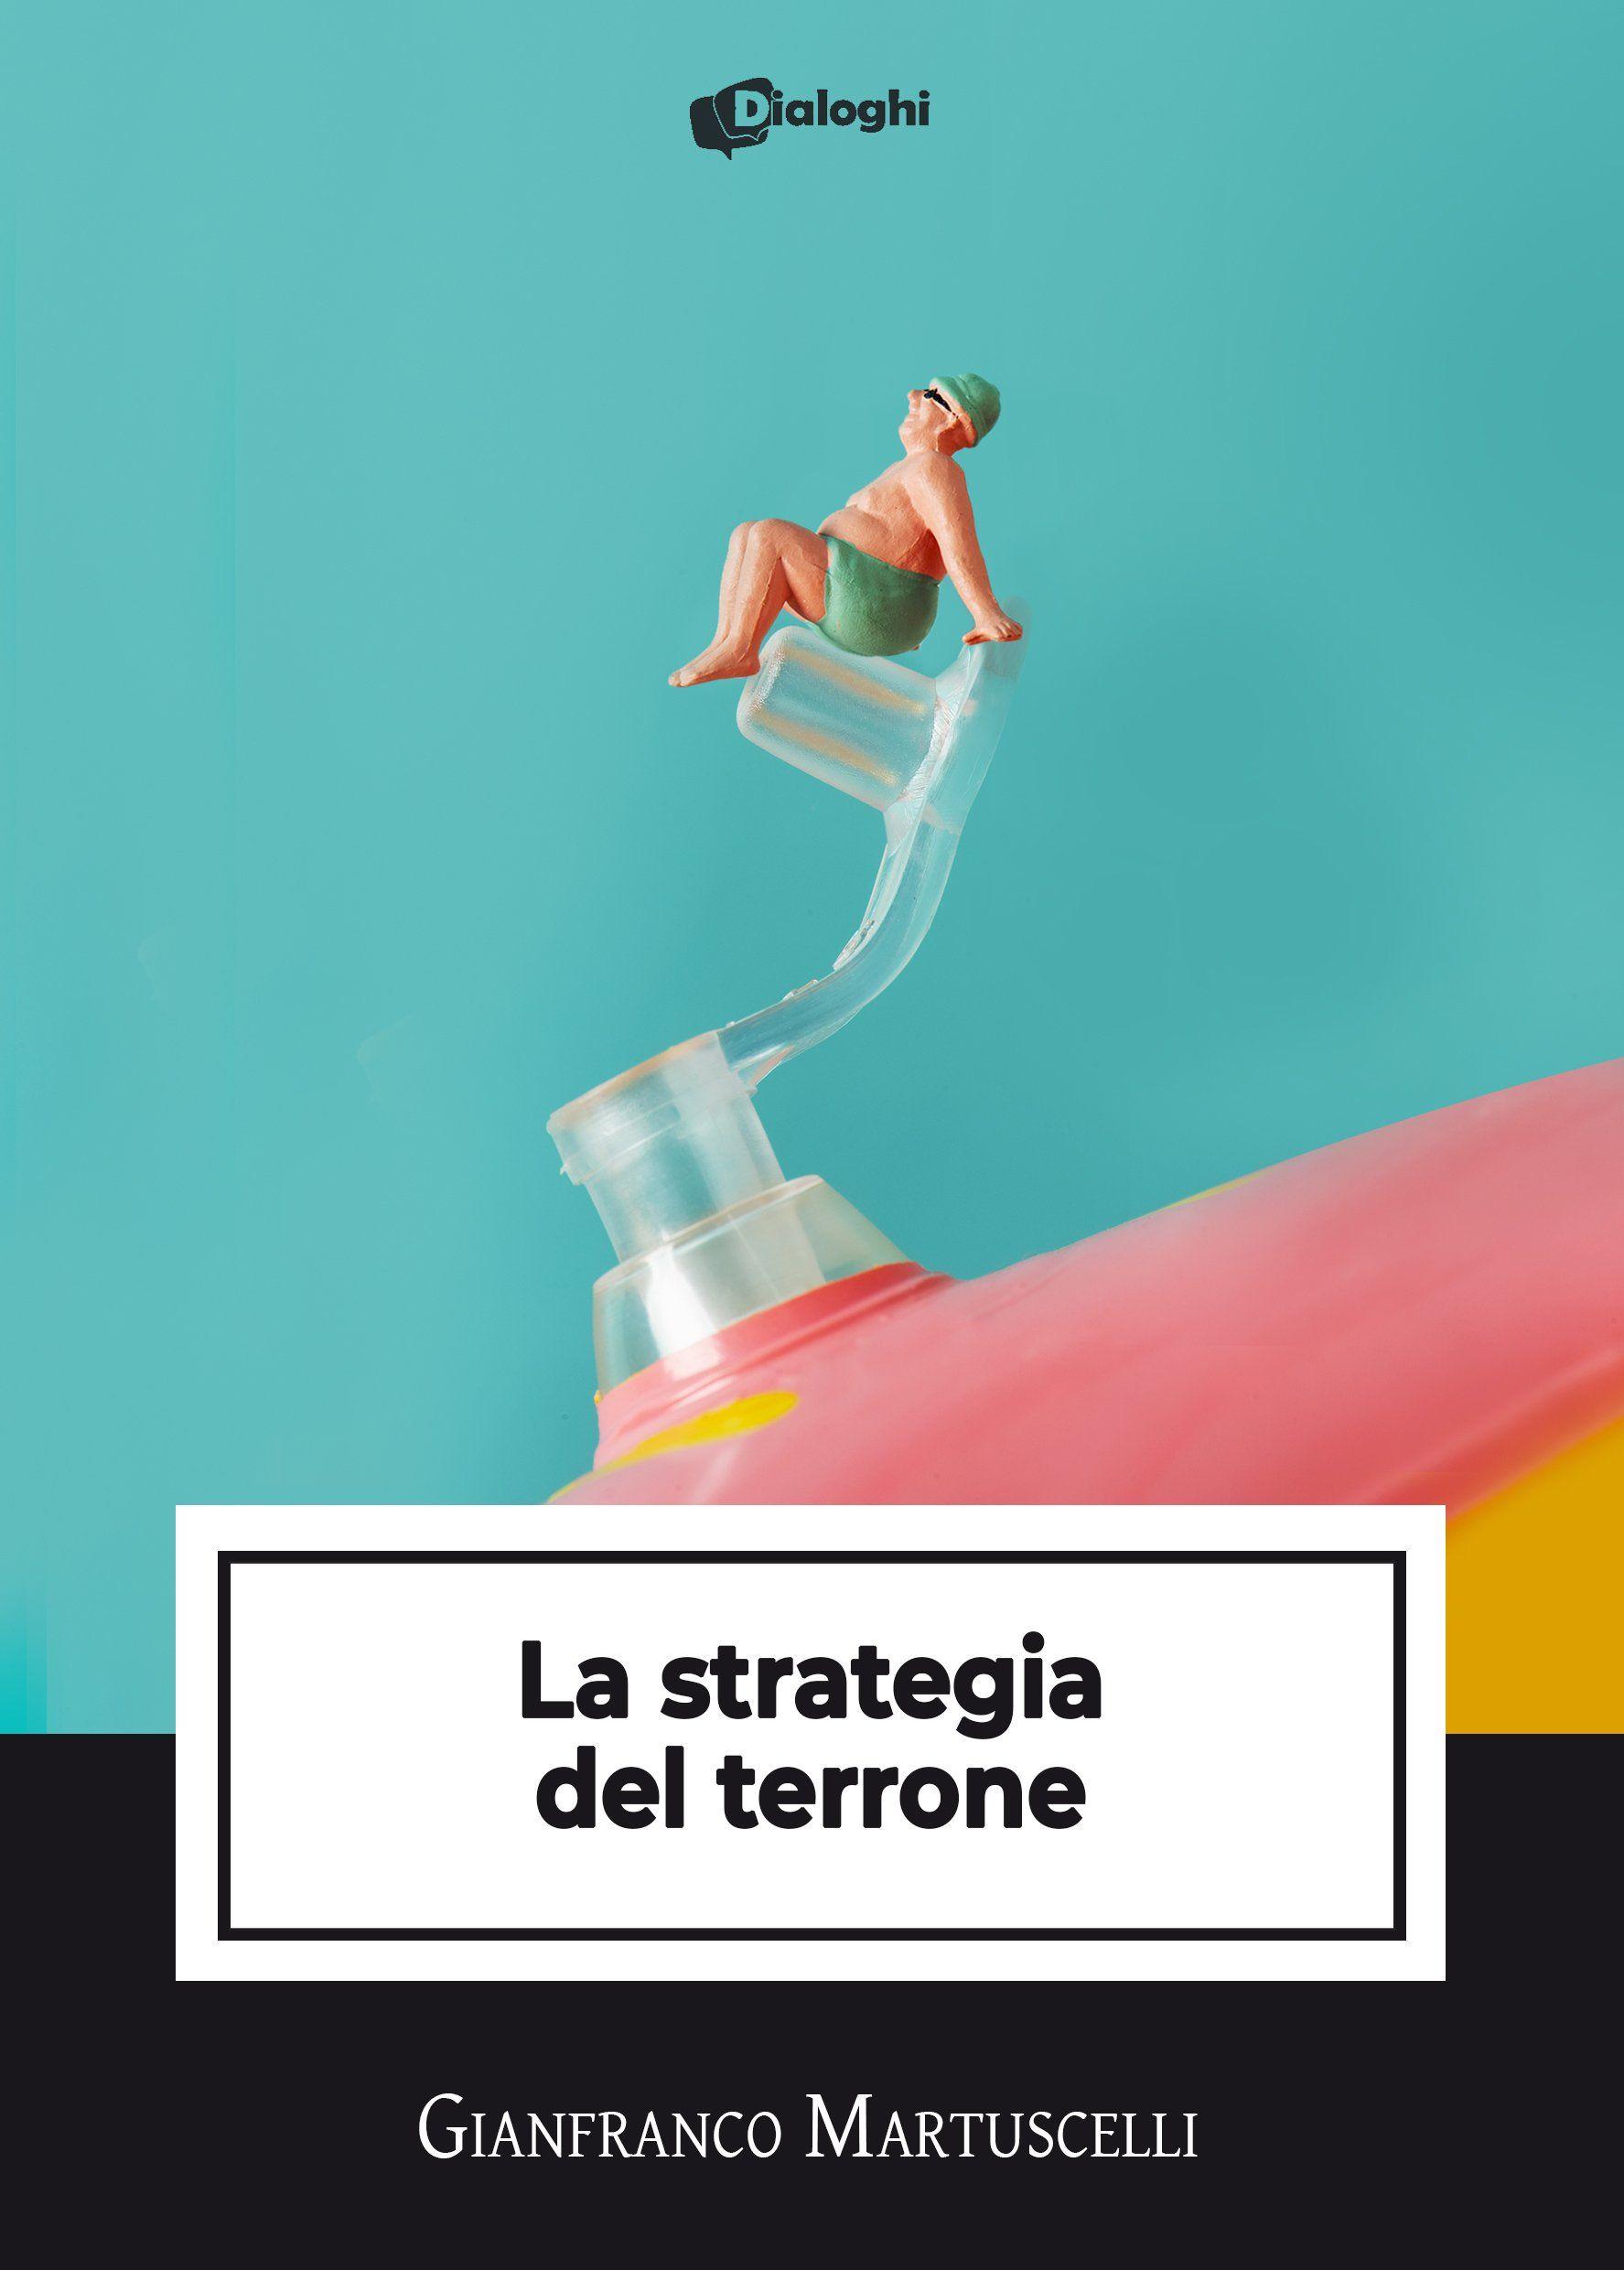 La strategia del terrone: il libro di Gianfranco Martuscelli